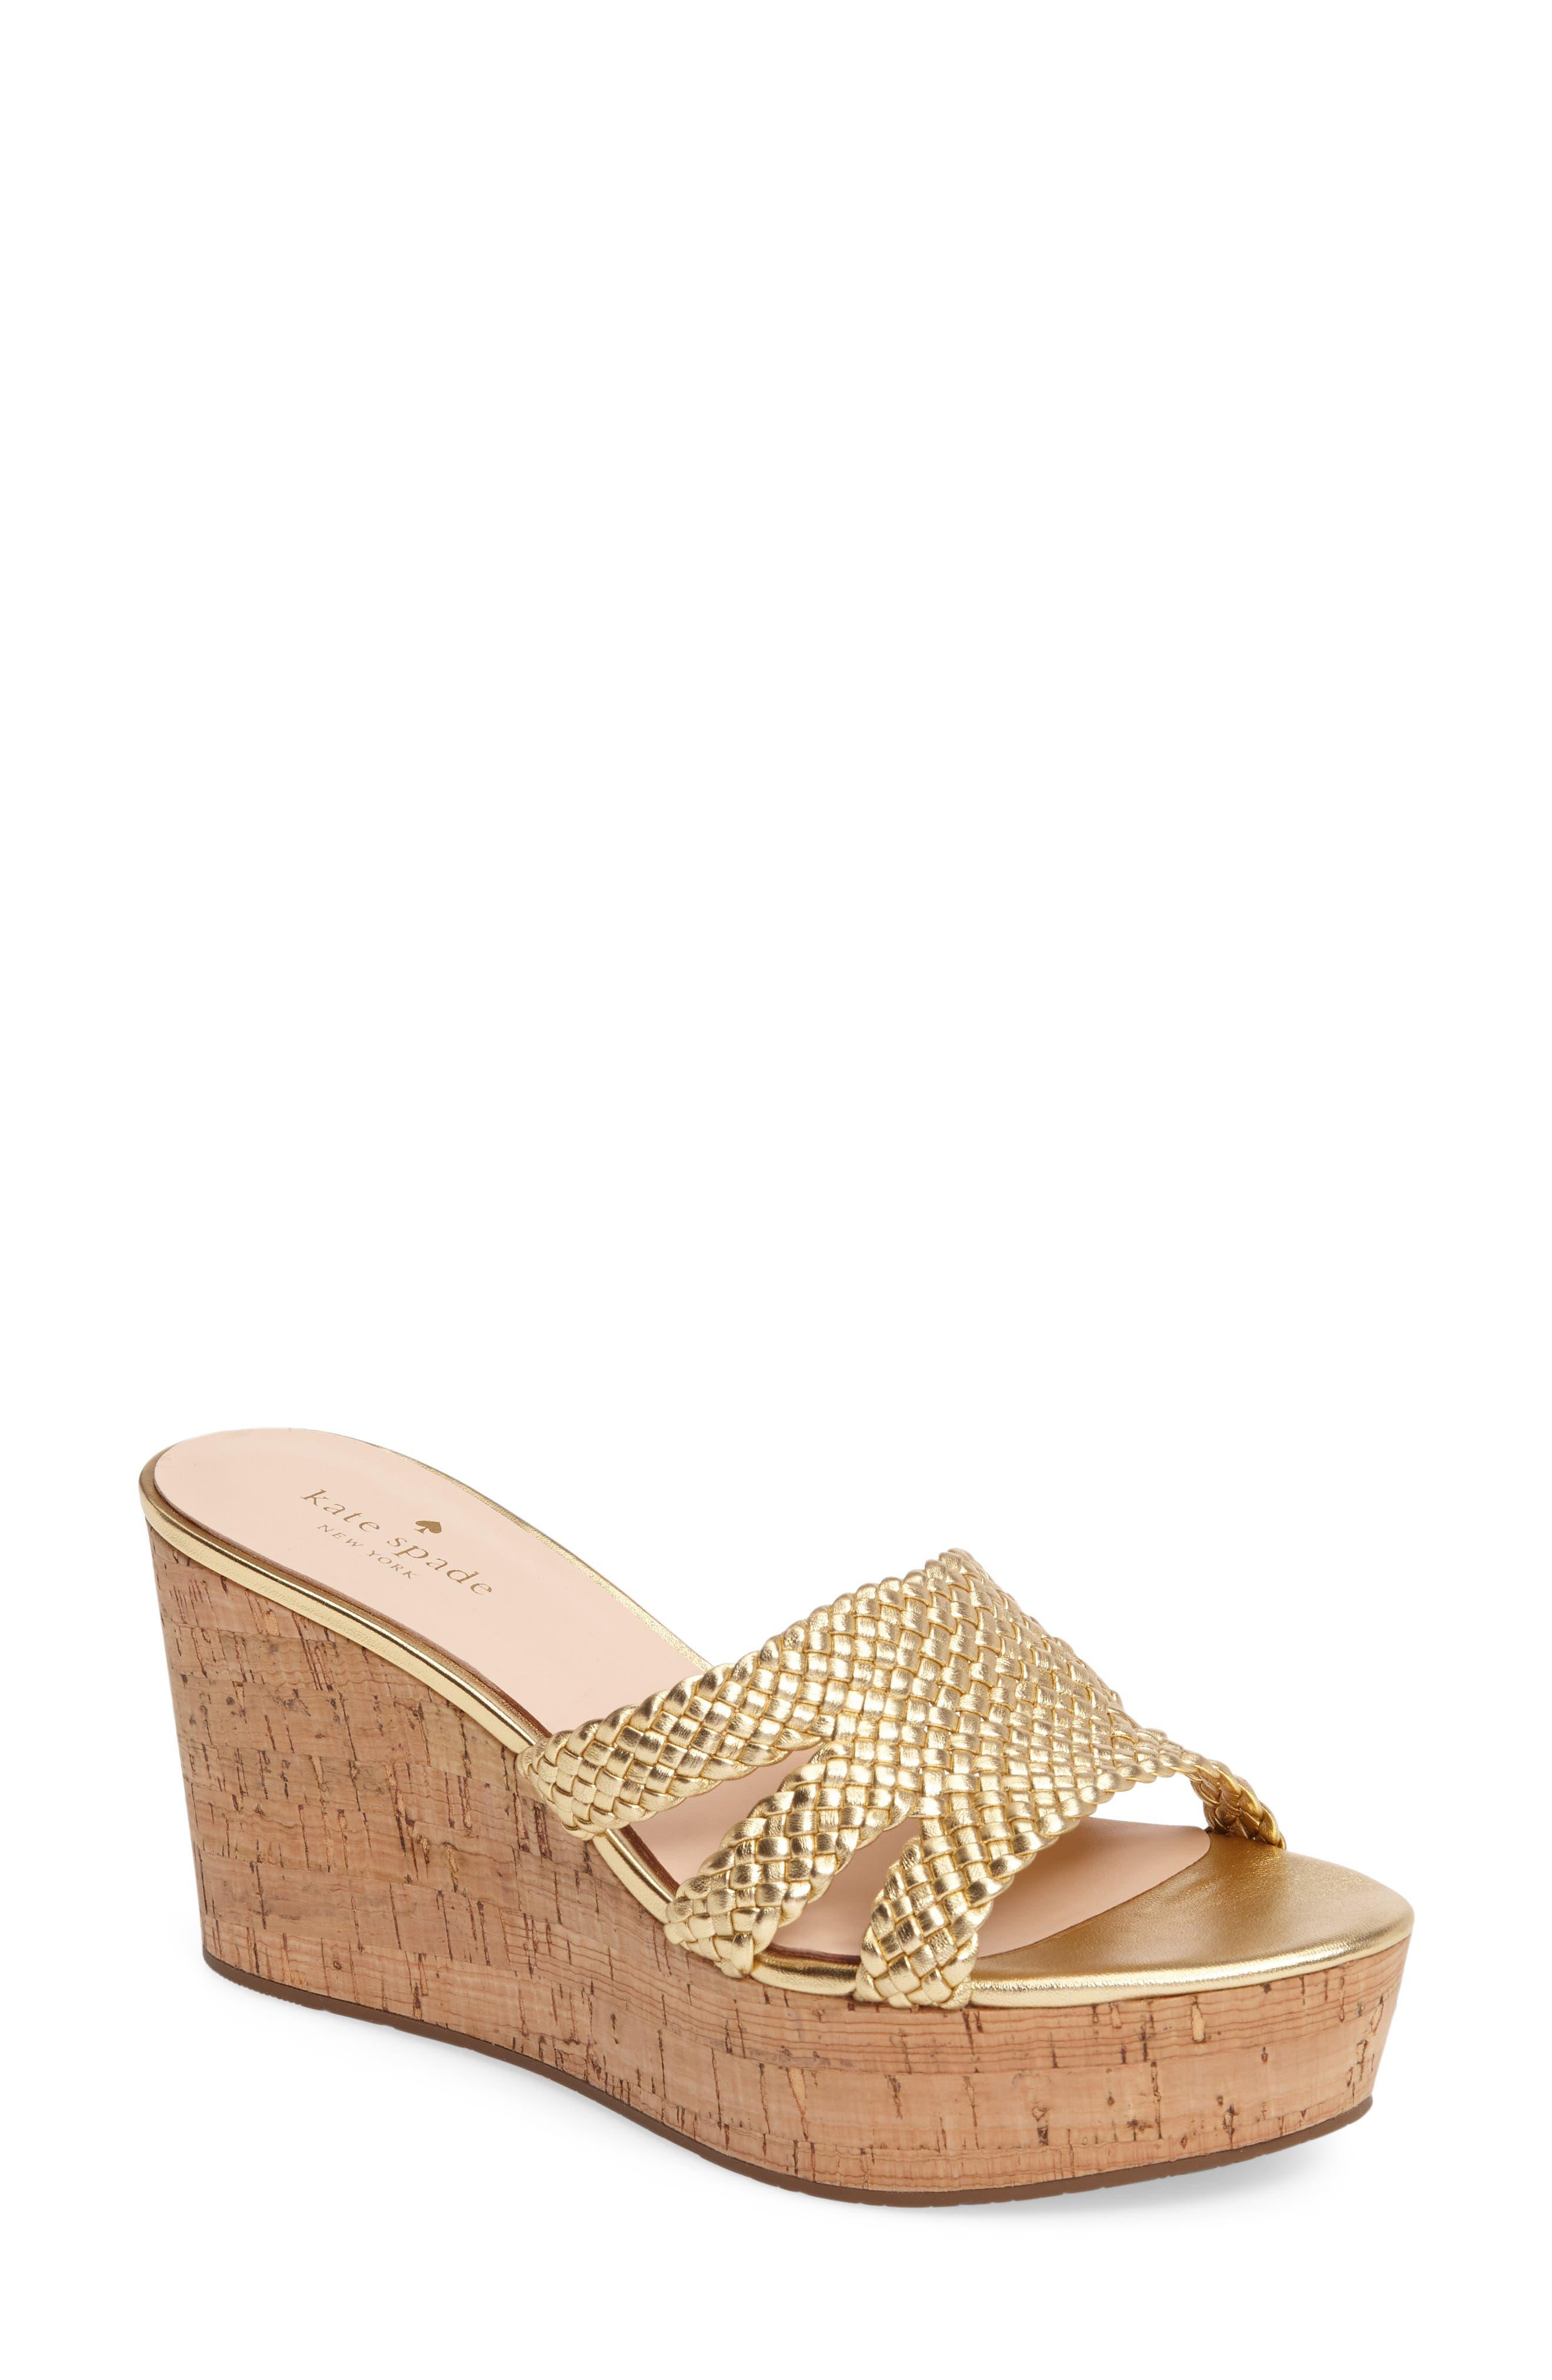 Main Image - kate spade new york tarvela wedge sandal (Women)